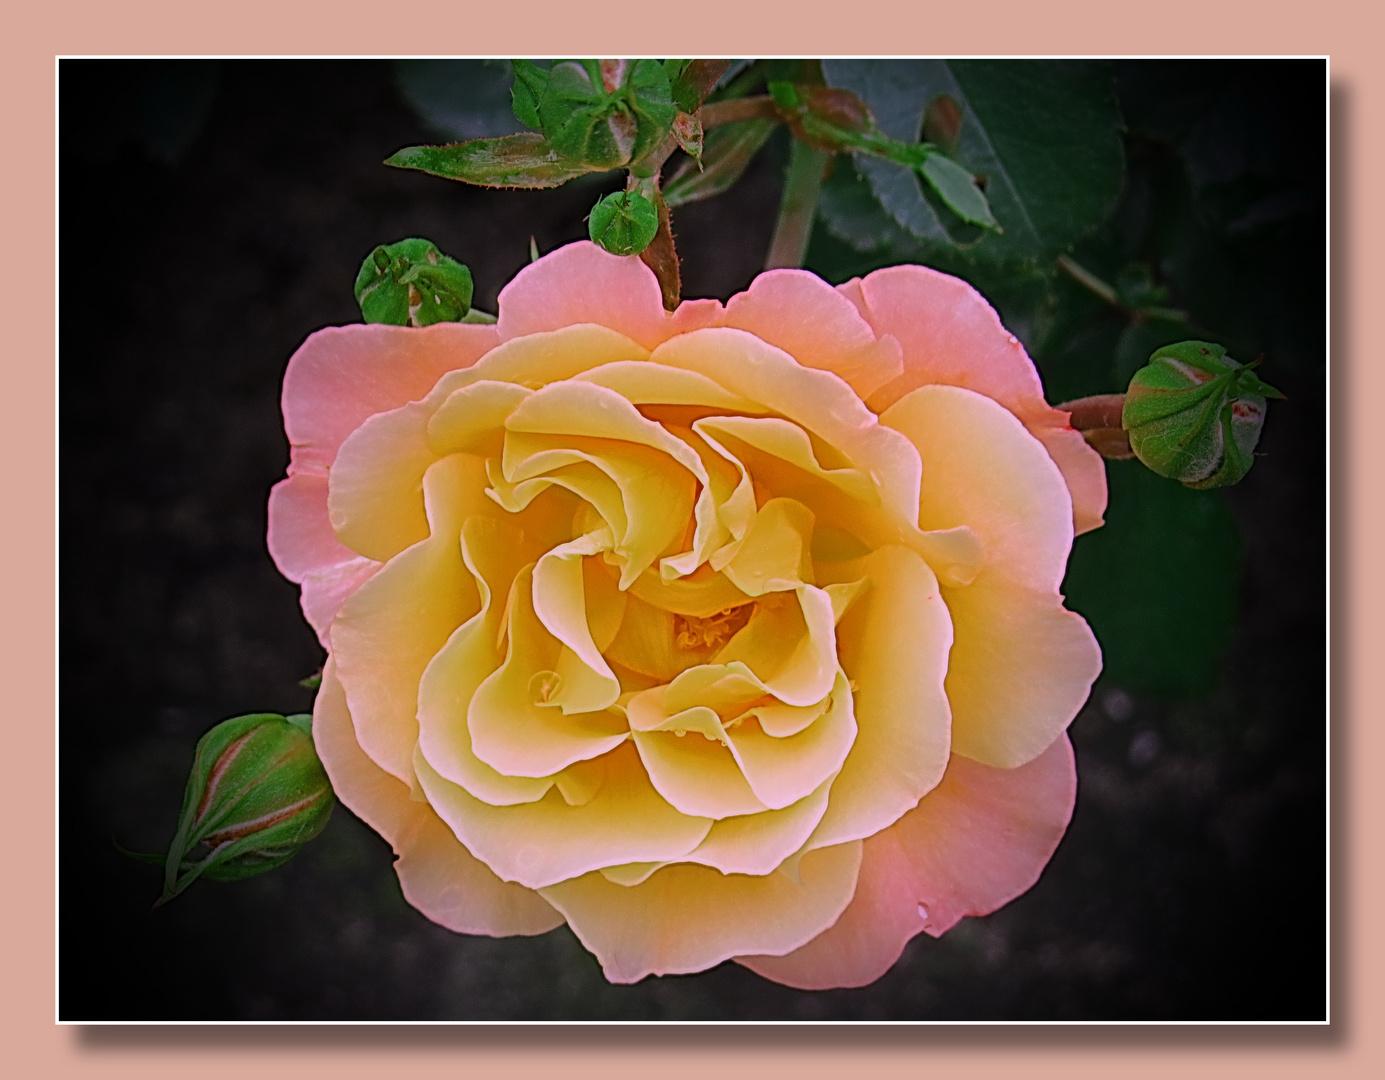 über Zaun hängende Rosen